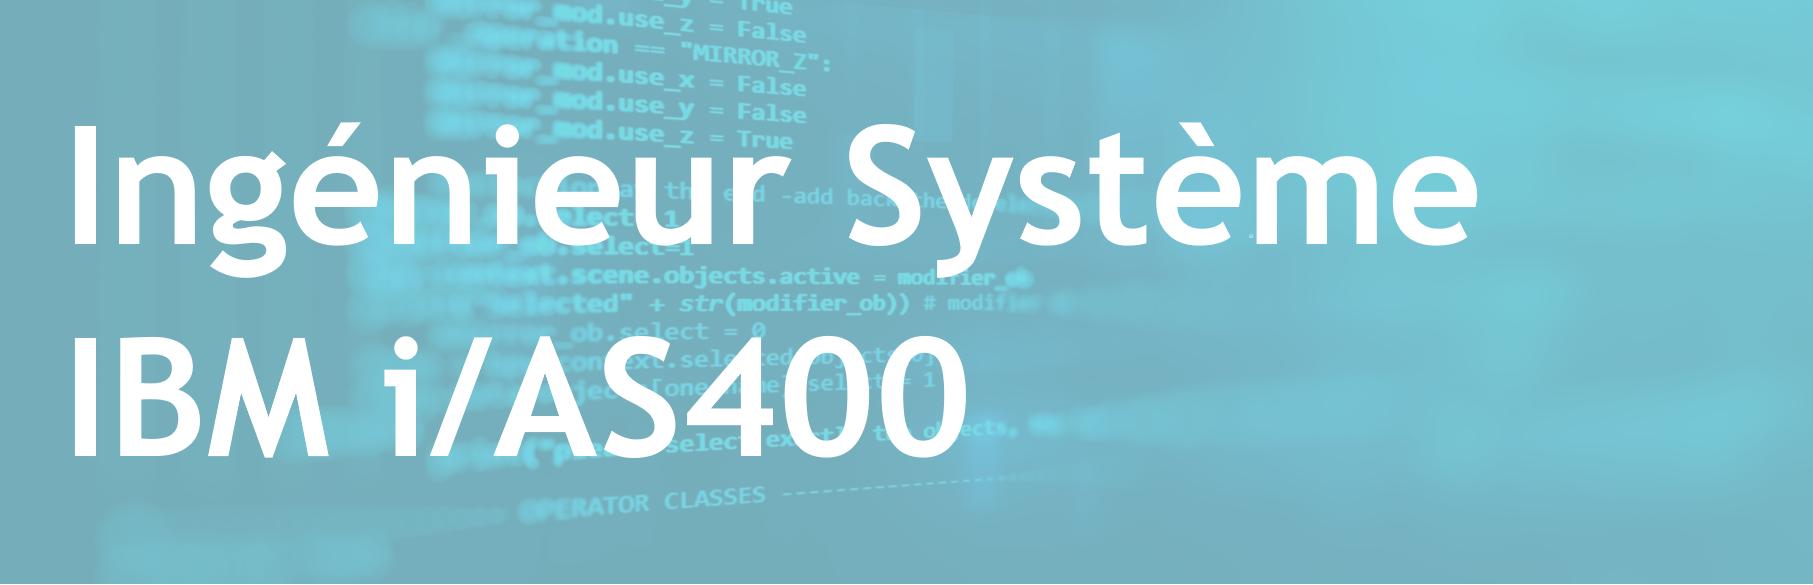 Ingénieur Système IBM i/AS400 - FR/EN